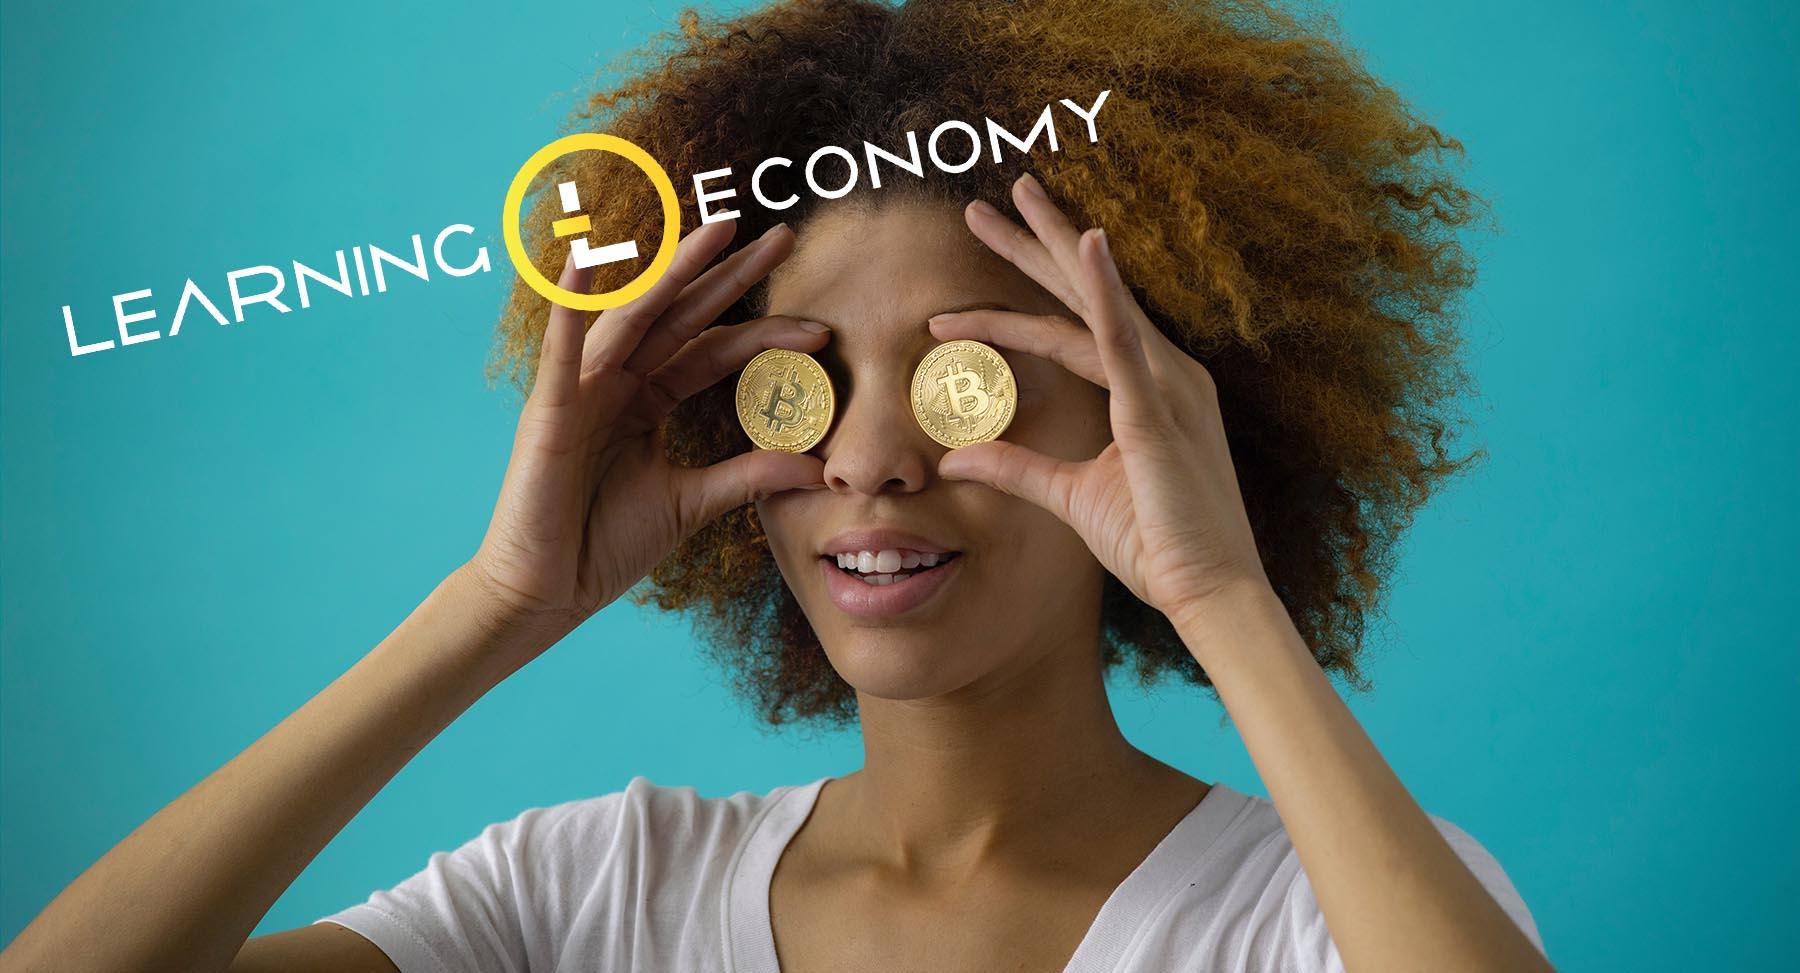 Stiftelsen Learning Economy vill införa en e-valuta för utbildning.